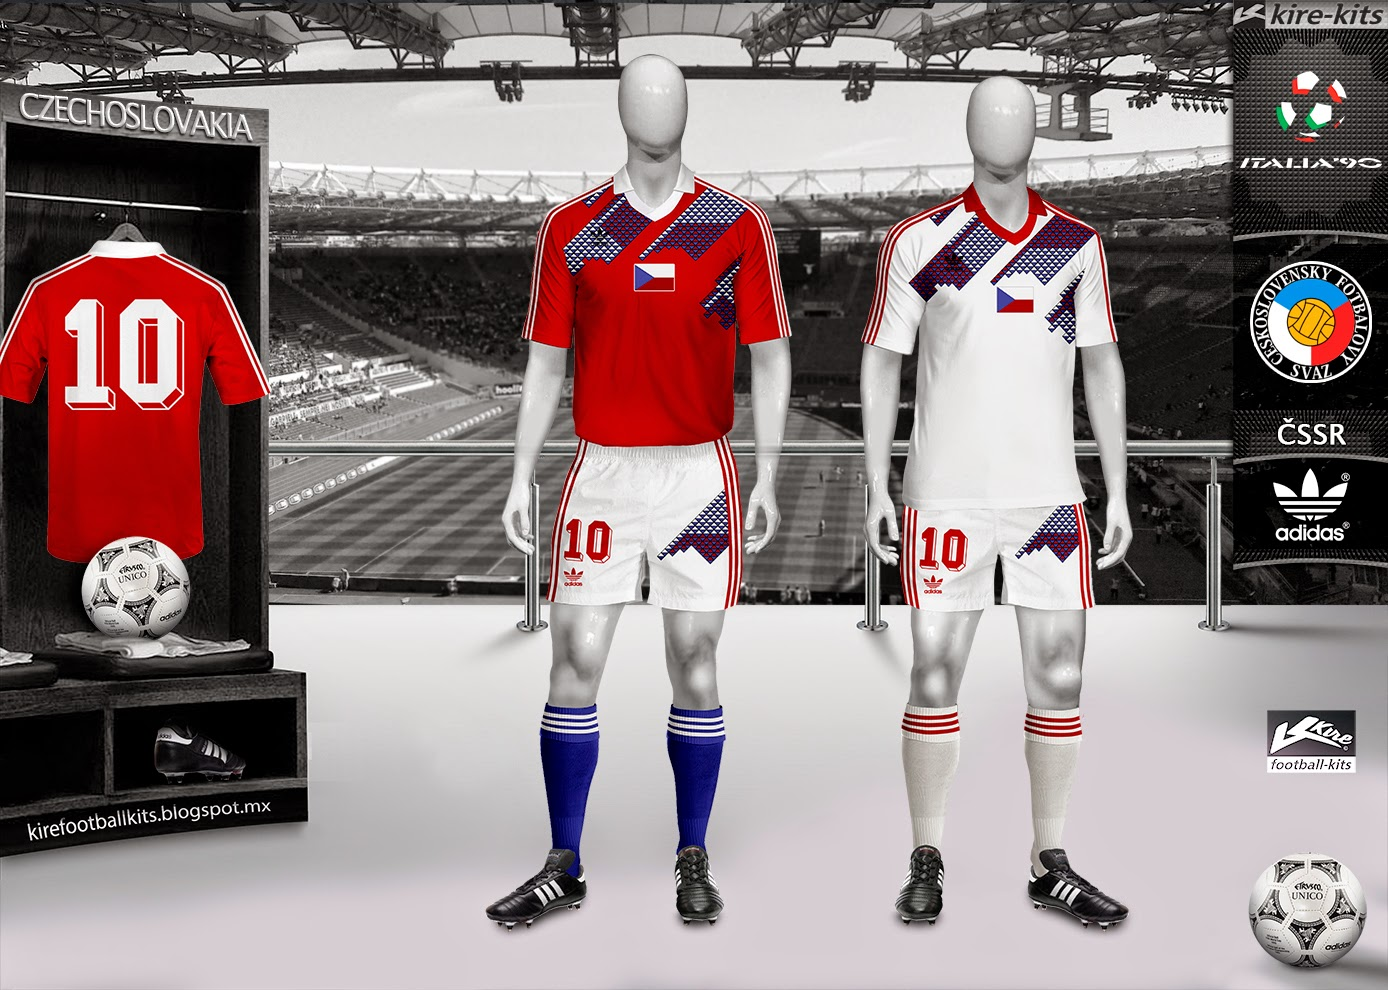 Форма сборной Чехословакии 1990